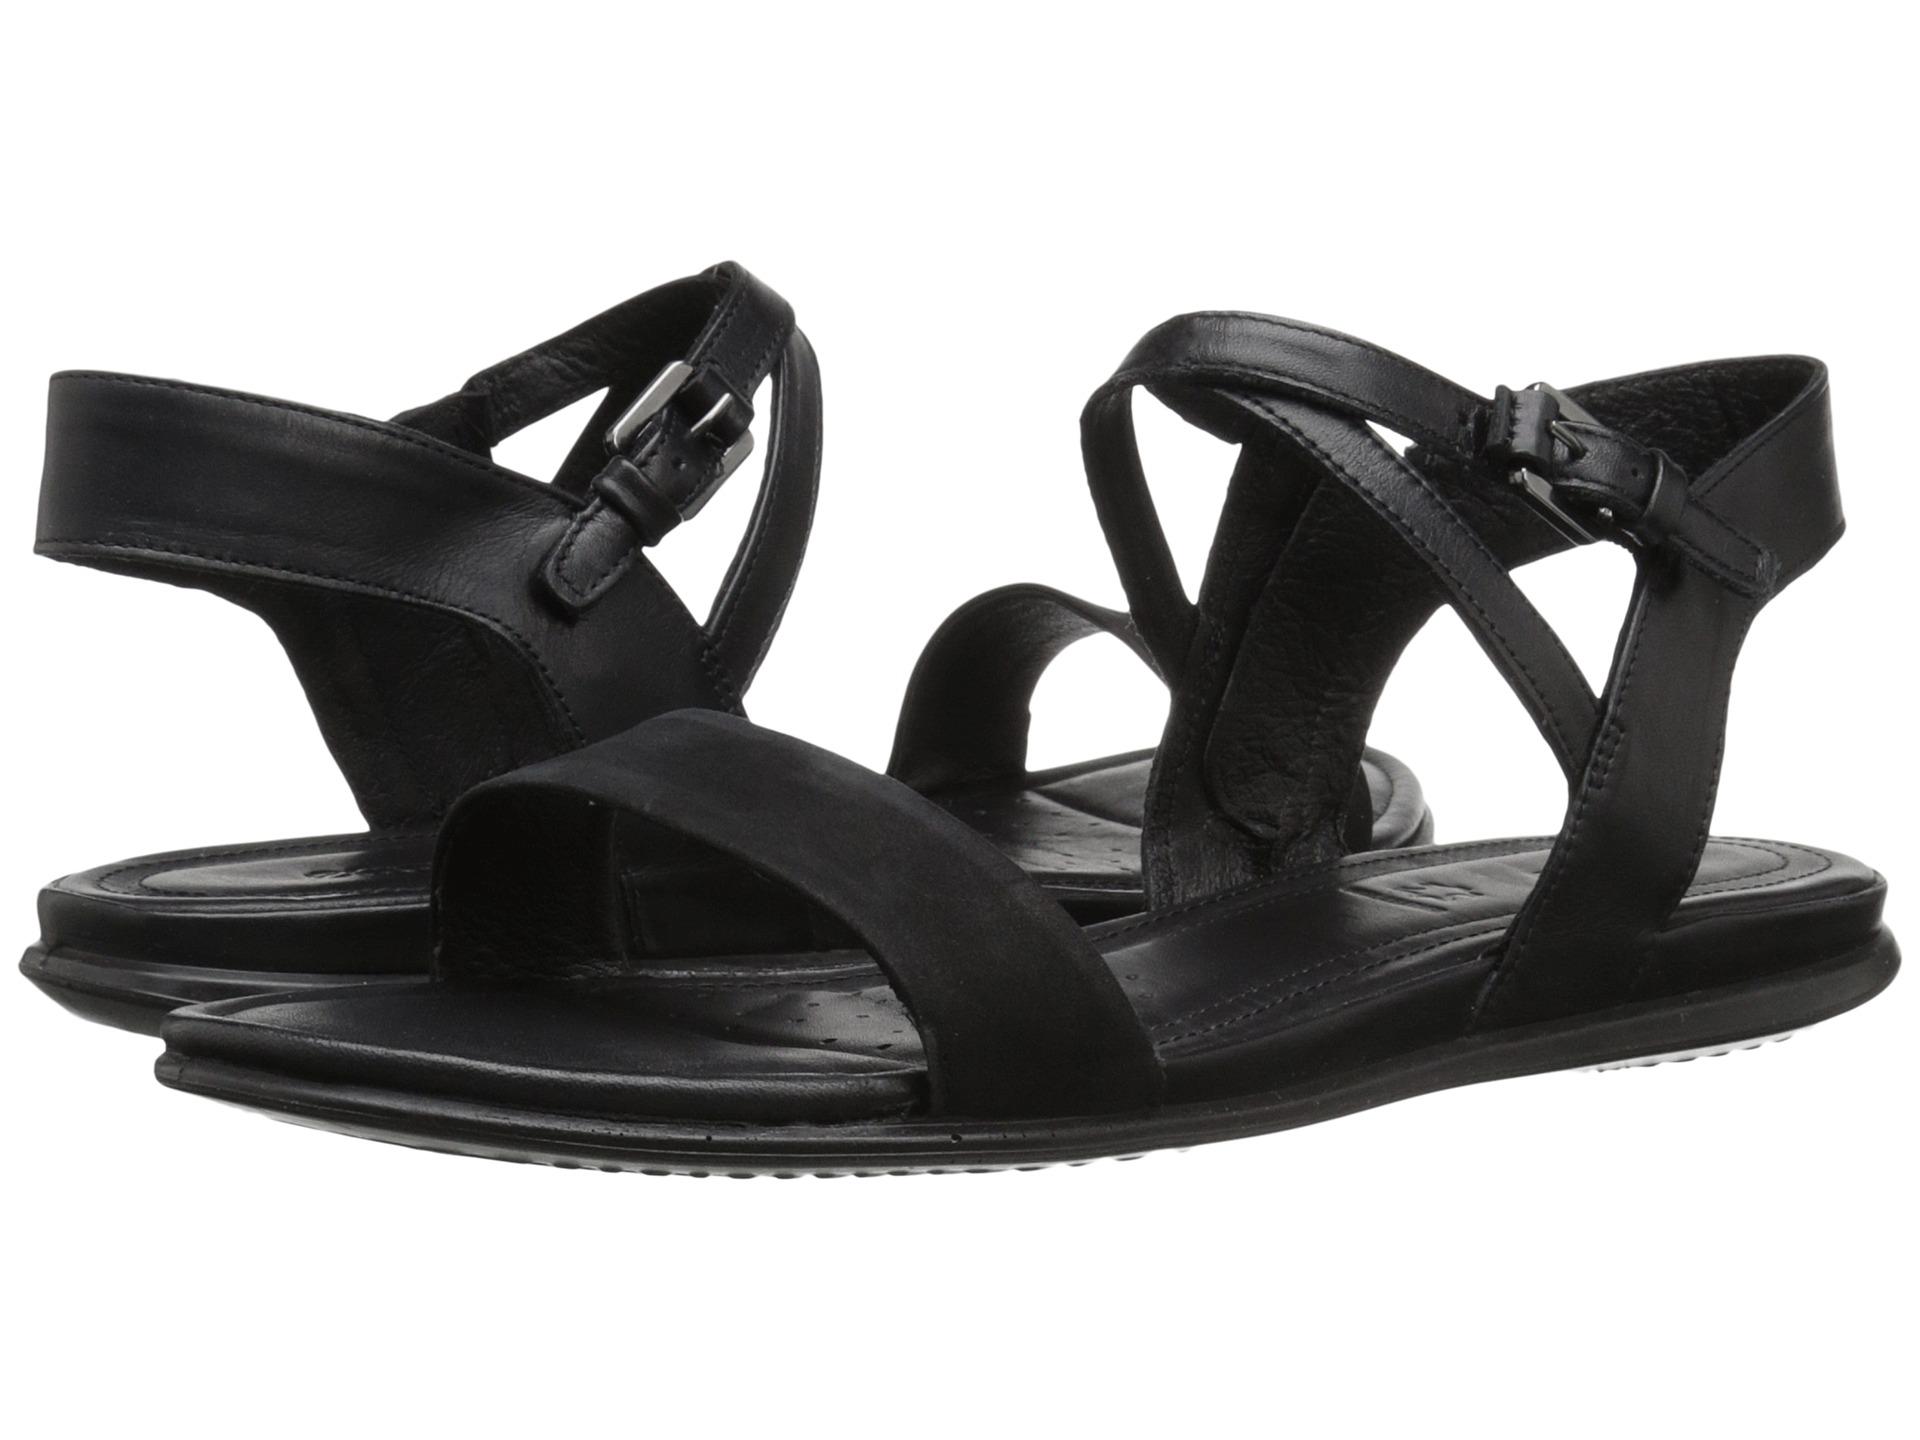 Black ecco sandals - Black Ecco Sandals 17